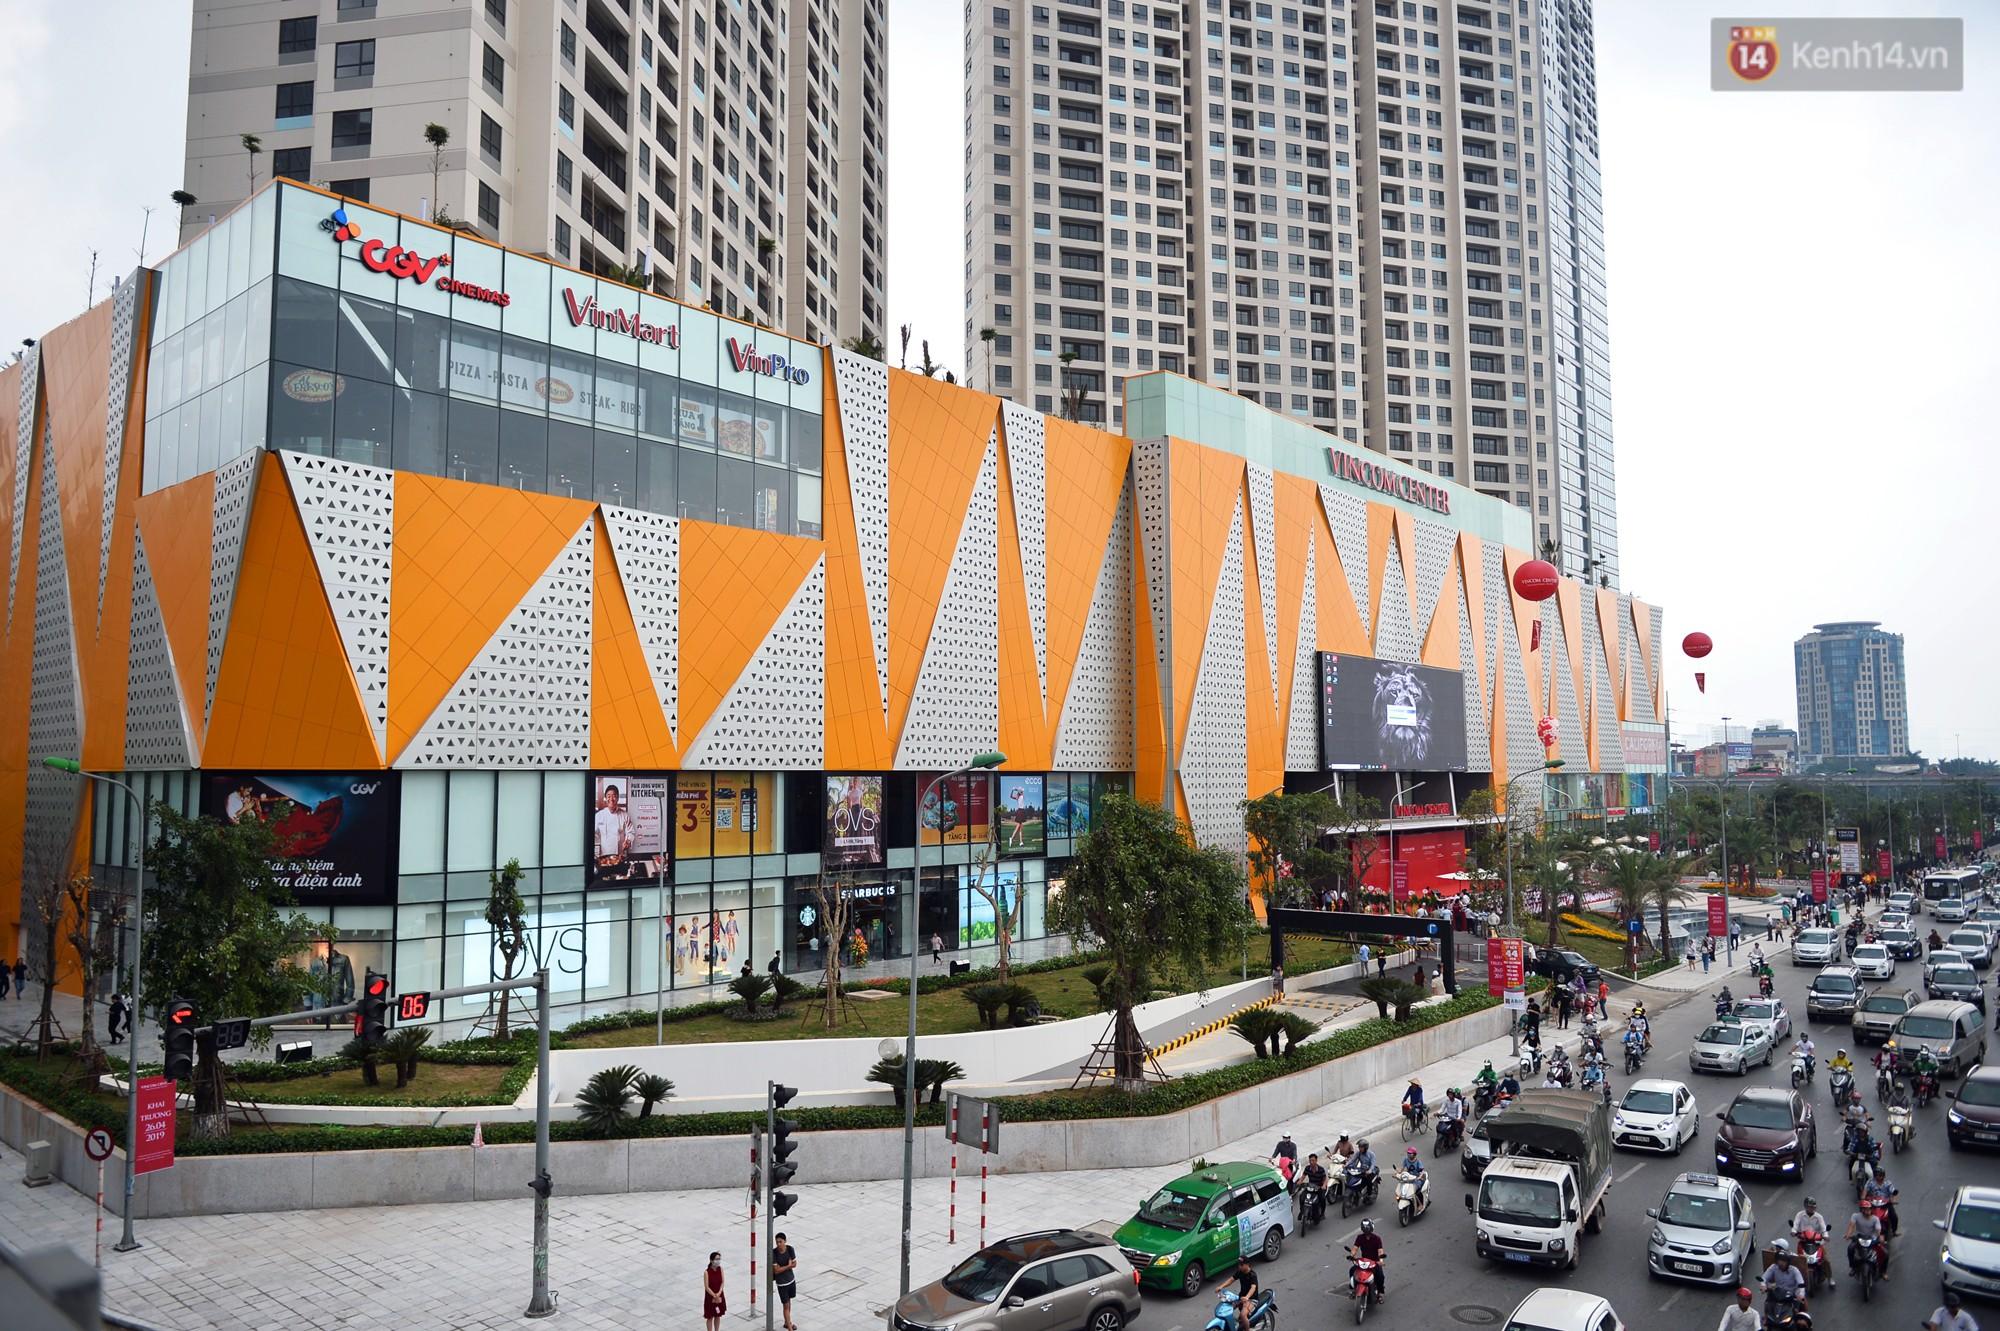 Hà Nội: Chính thức khai trương Vincom Center thứ 10 tại Trần Duy Hưng